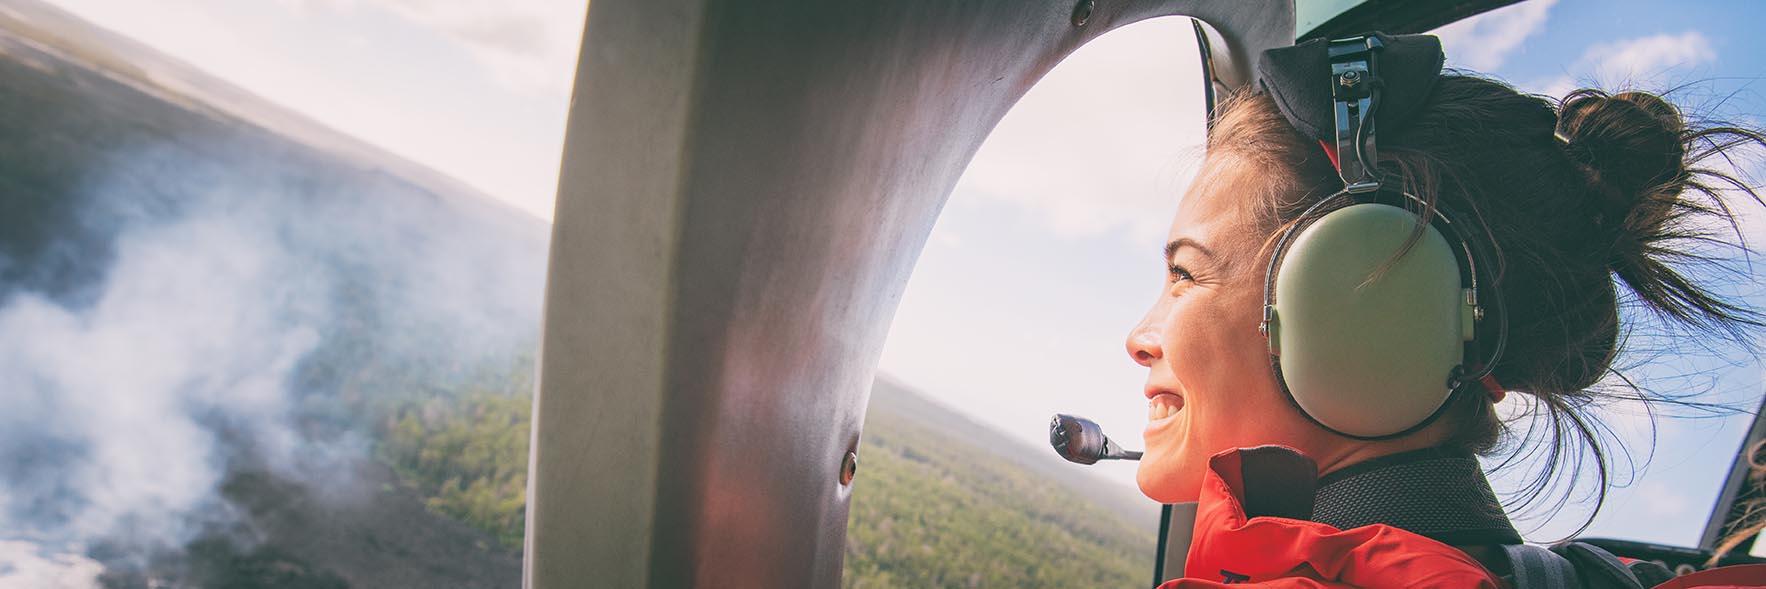 Vi tillhandahåller helikopter i Mälardalen